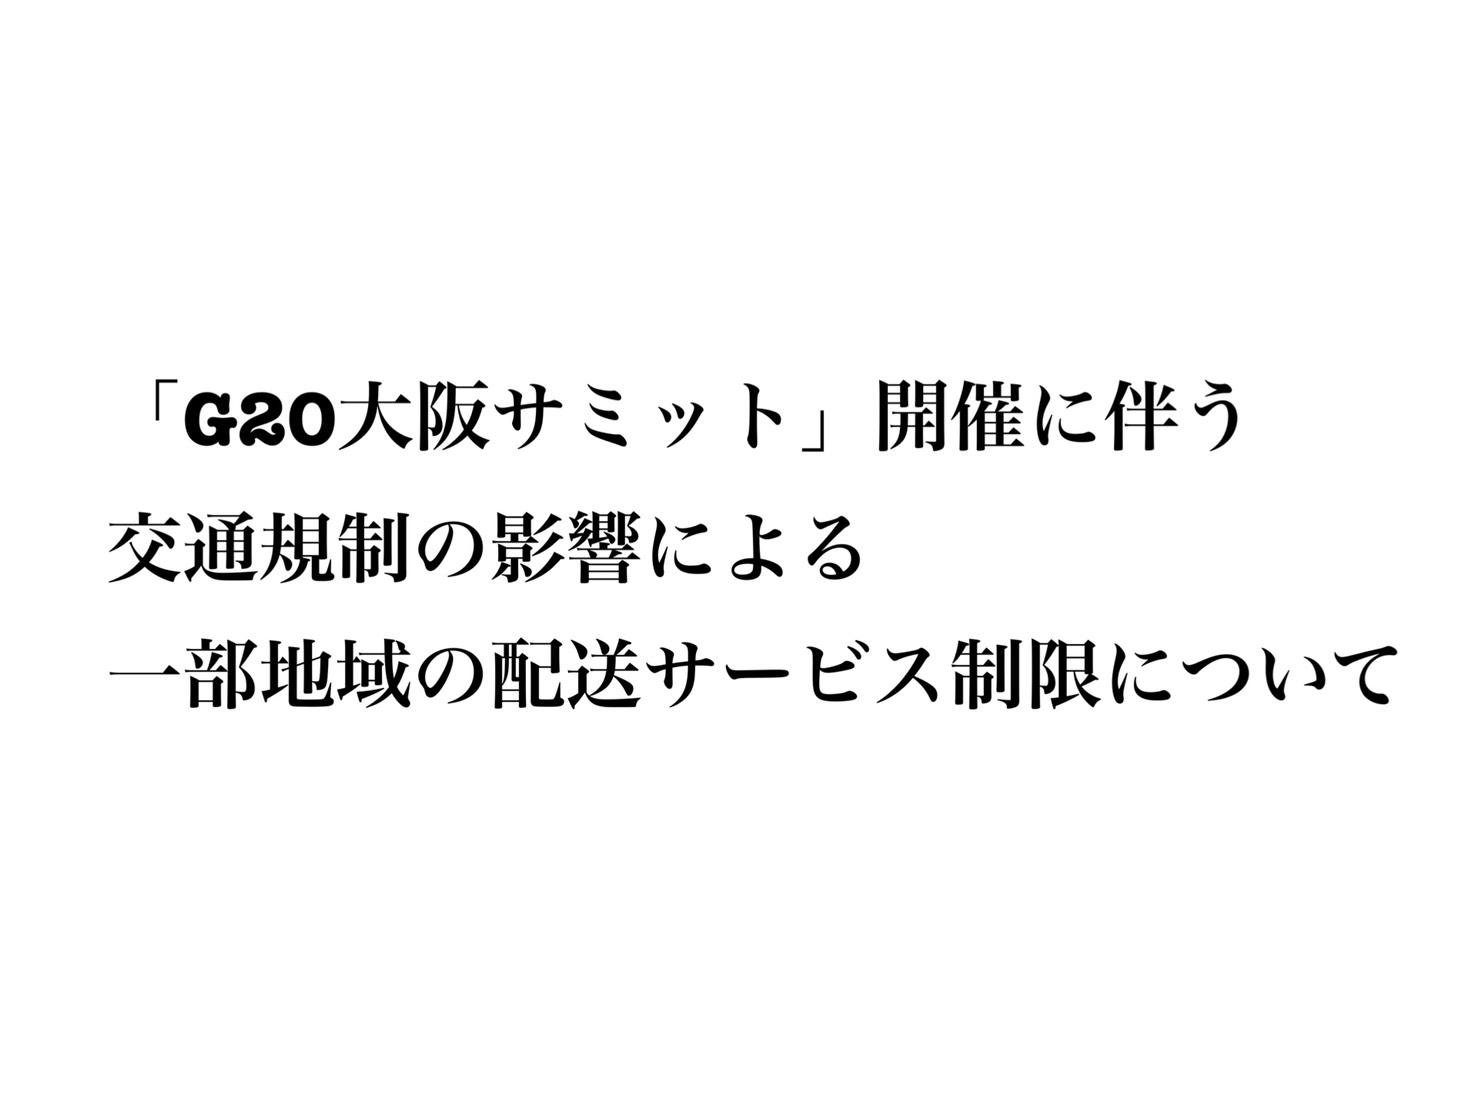 「G20大阪サミット」開催に伴う 交通規制の影響による 大阪府・兵庫県の一部地域の配送サービスの制限について